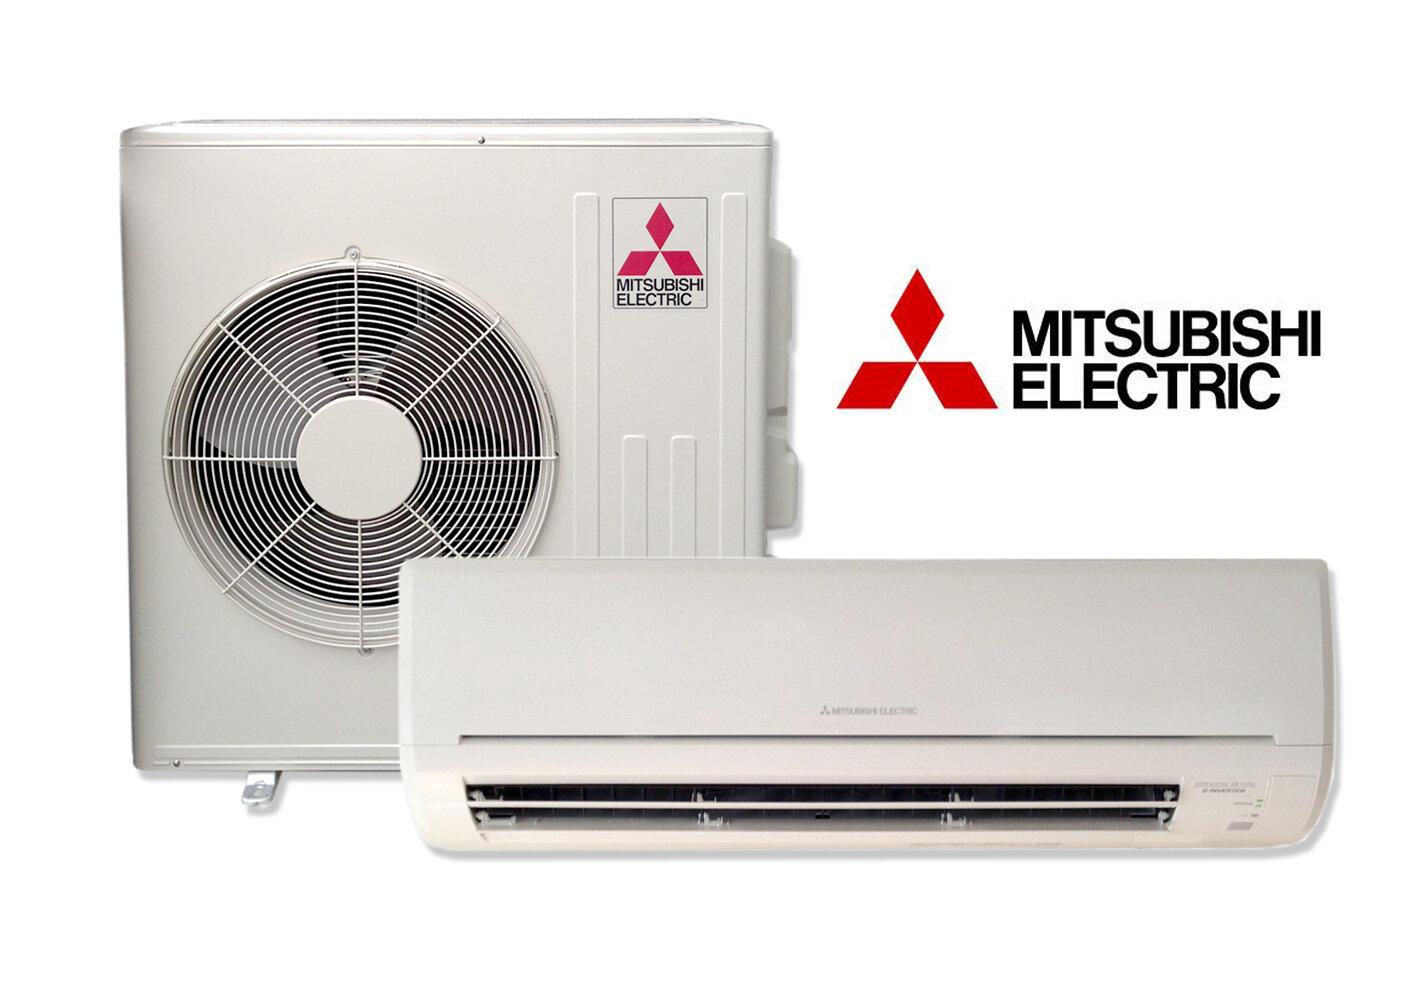 So sánh điều hòa máy lạnh Midea và điều hòa máy lạnh Mitsubishi